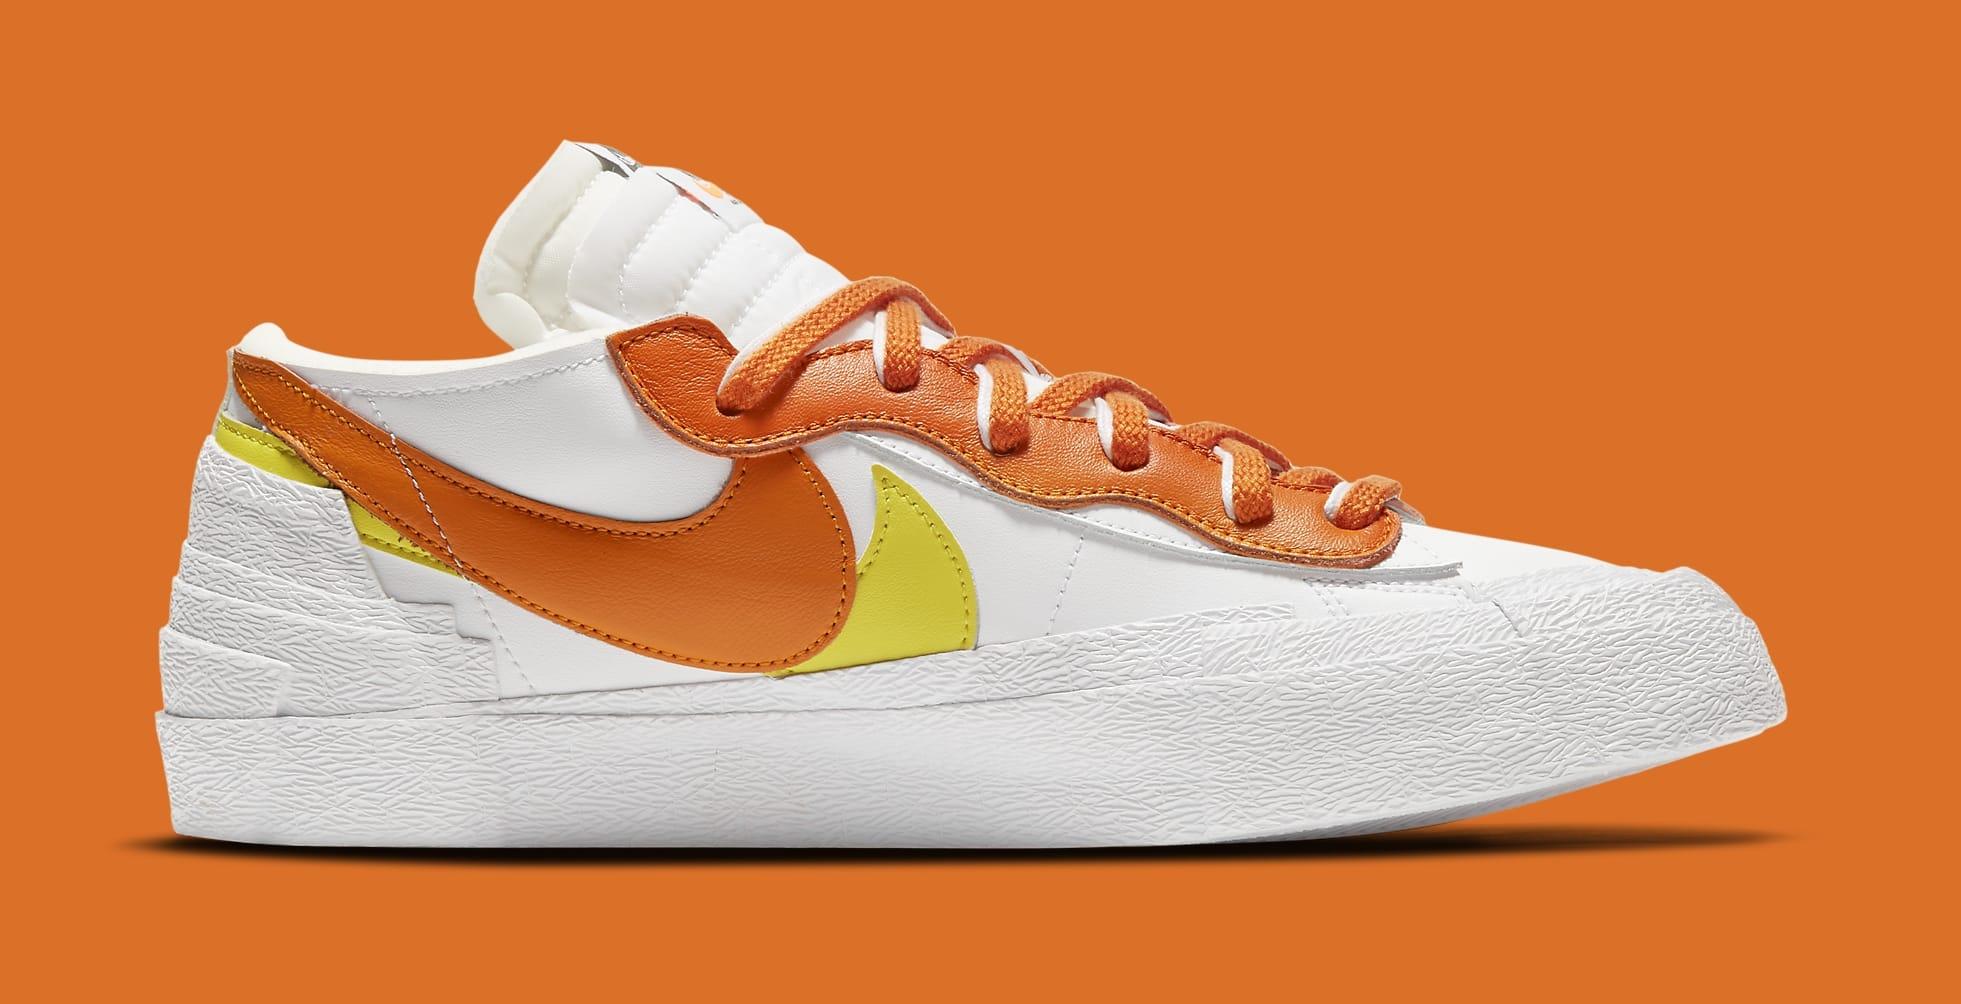 Sacai x Nike Blazer Low 'Magma Orange' DD1877-100 Medial